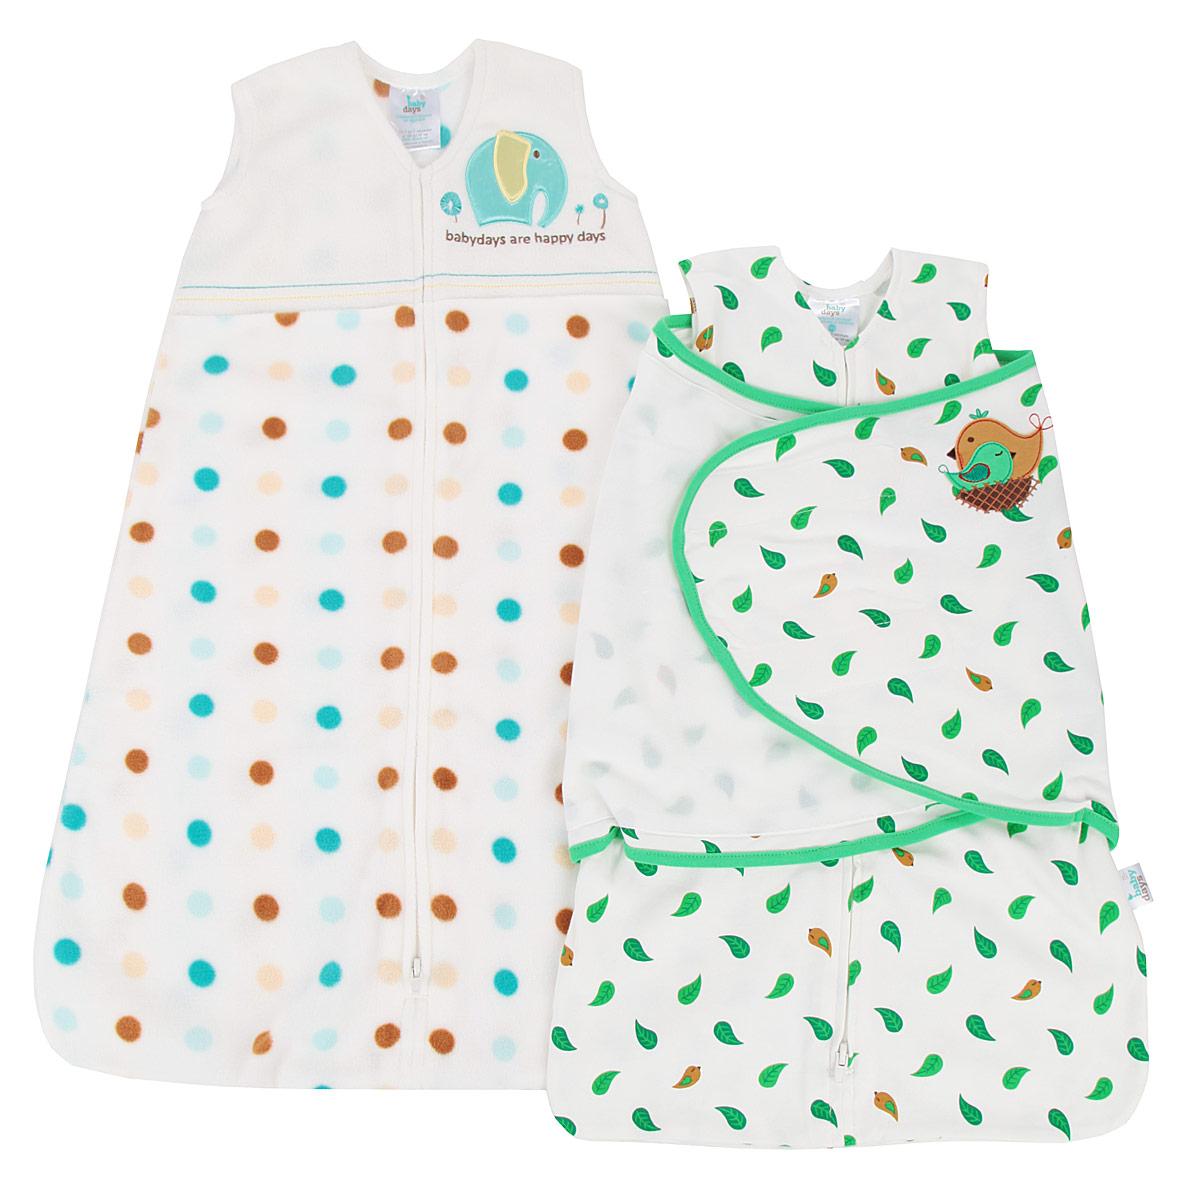 Подарочный набор для новорожденного Babydays: спальный конверт, спальный мешок, цвет: белый, зеленый. bd20003. Размер 48/66, 0-6 месяцев0602-400 LNA_белый _0/6мПодарочный набор для новорожденного Babydays, состоящий из спального конверта с липучками и спального мешка, удобен в использовании, как для малыша, так и для родителей. Изделия выполнены из высококачественного материала, абсолютно безопасного для ребенка. Материал отличается высокой прочностью и износостойкостью, не линяет, не теряет яркости, сохраняет свой первоначальный вид по мере использования и носки. Конверт одевается поверх обычной одежды для сна, обеспечивая максимальный комфорт и безопасность. Конверт и мешок одеваются поверх обычной одежды для сна, обеспечивая максимальный комфорт и безопасность.Спальный мешок без рукавов и с V-образным вырезом горловины застегивается на длинную застежку снизу вверх, что делает удобным смену подгузников и не травмирует подбородок. Безрукавный крой снижает риск перегрева. Свободная нижняя часть дает малышу достаточное пространство, чтобы двигать ножками: это необходимо для правильного развития тазобедренного сустава. Оформлено изделие гороховым принтом, а также на груди украшено аппликацией в виде слоника и вышитой надписью на английском языке. Конверт застегивается на пластиковую застежку-молнию снизу вверх, что делает удобным смену подгузников и не травмирует подбородок малыша, и дополнительно запахом на липучки. Модель спального конверта позволяет держать руки малыша как внутри, так и снаружи. Два способа пеленания малыша показаны на инструкции по использованию. Оформлено изделие принтом с изображением листочков, а также аппликацией в виде птички. Такой набор для новорожденного заменит одеяло и подарит малышу комфорт во время сна.